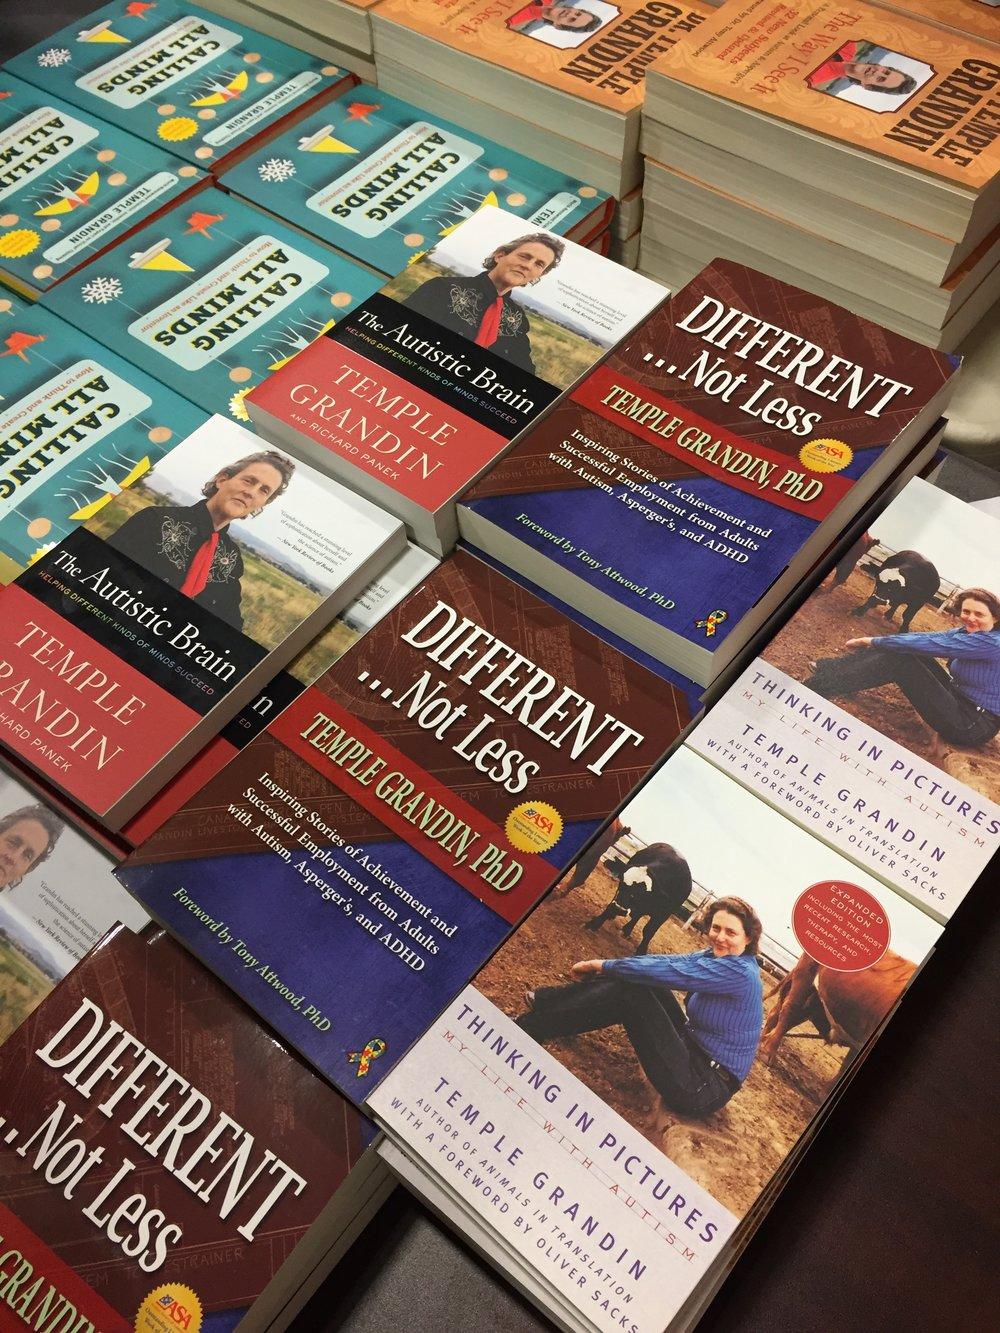 Dr. Temple Grandin's Books